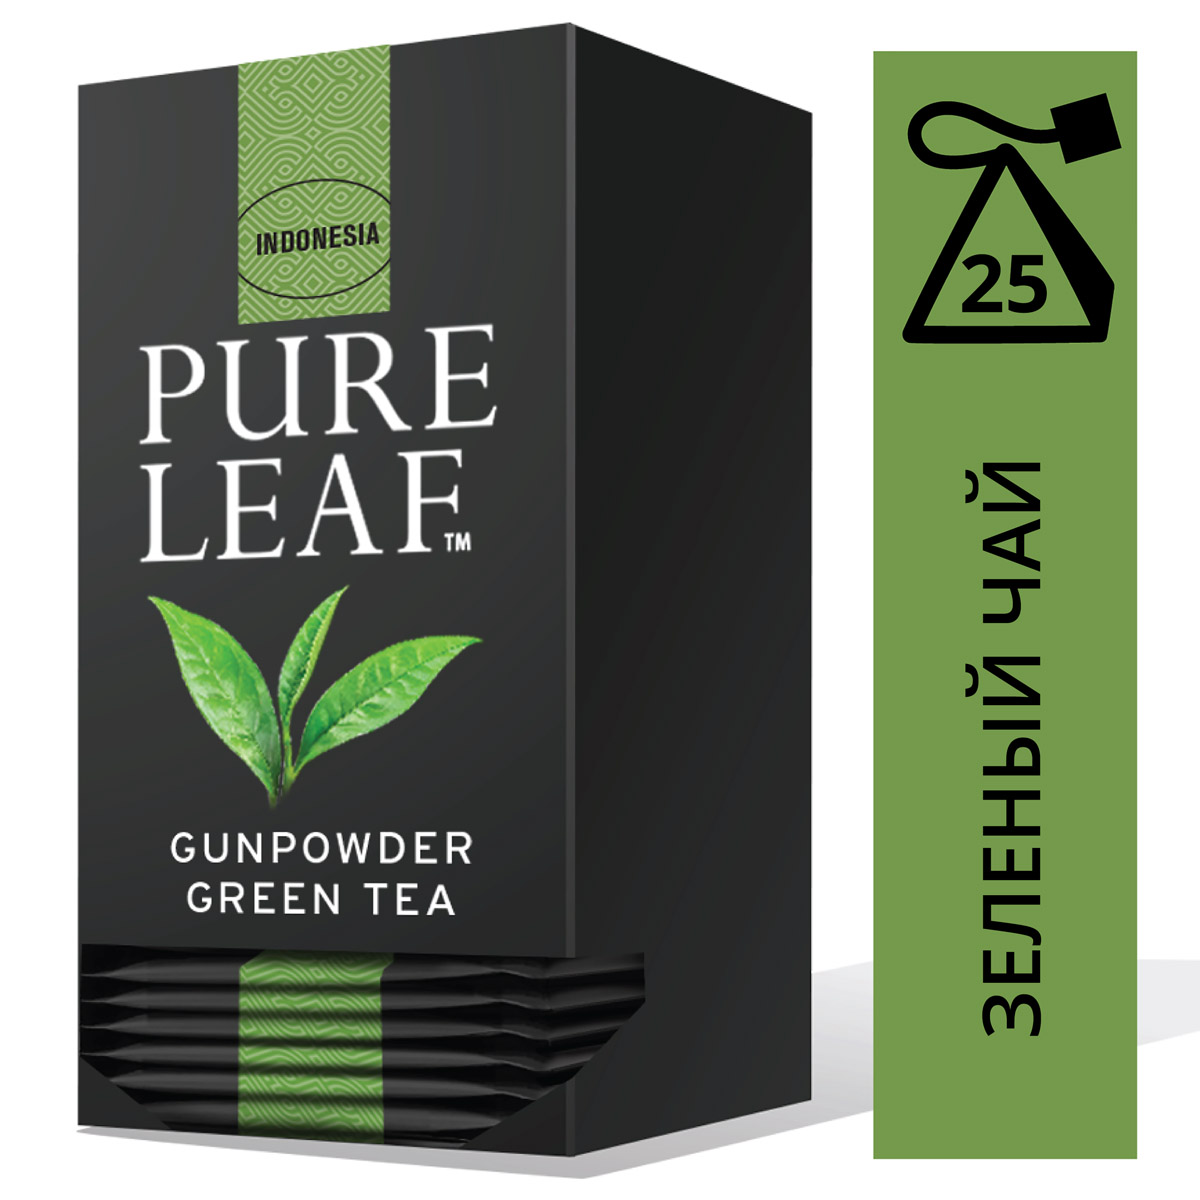 PURE LEAF зеленый чай в пакетиках Gunpowder (25шт) - Крупнолистовой чай